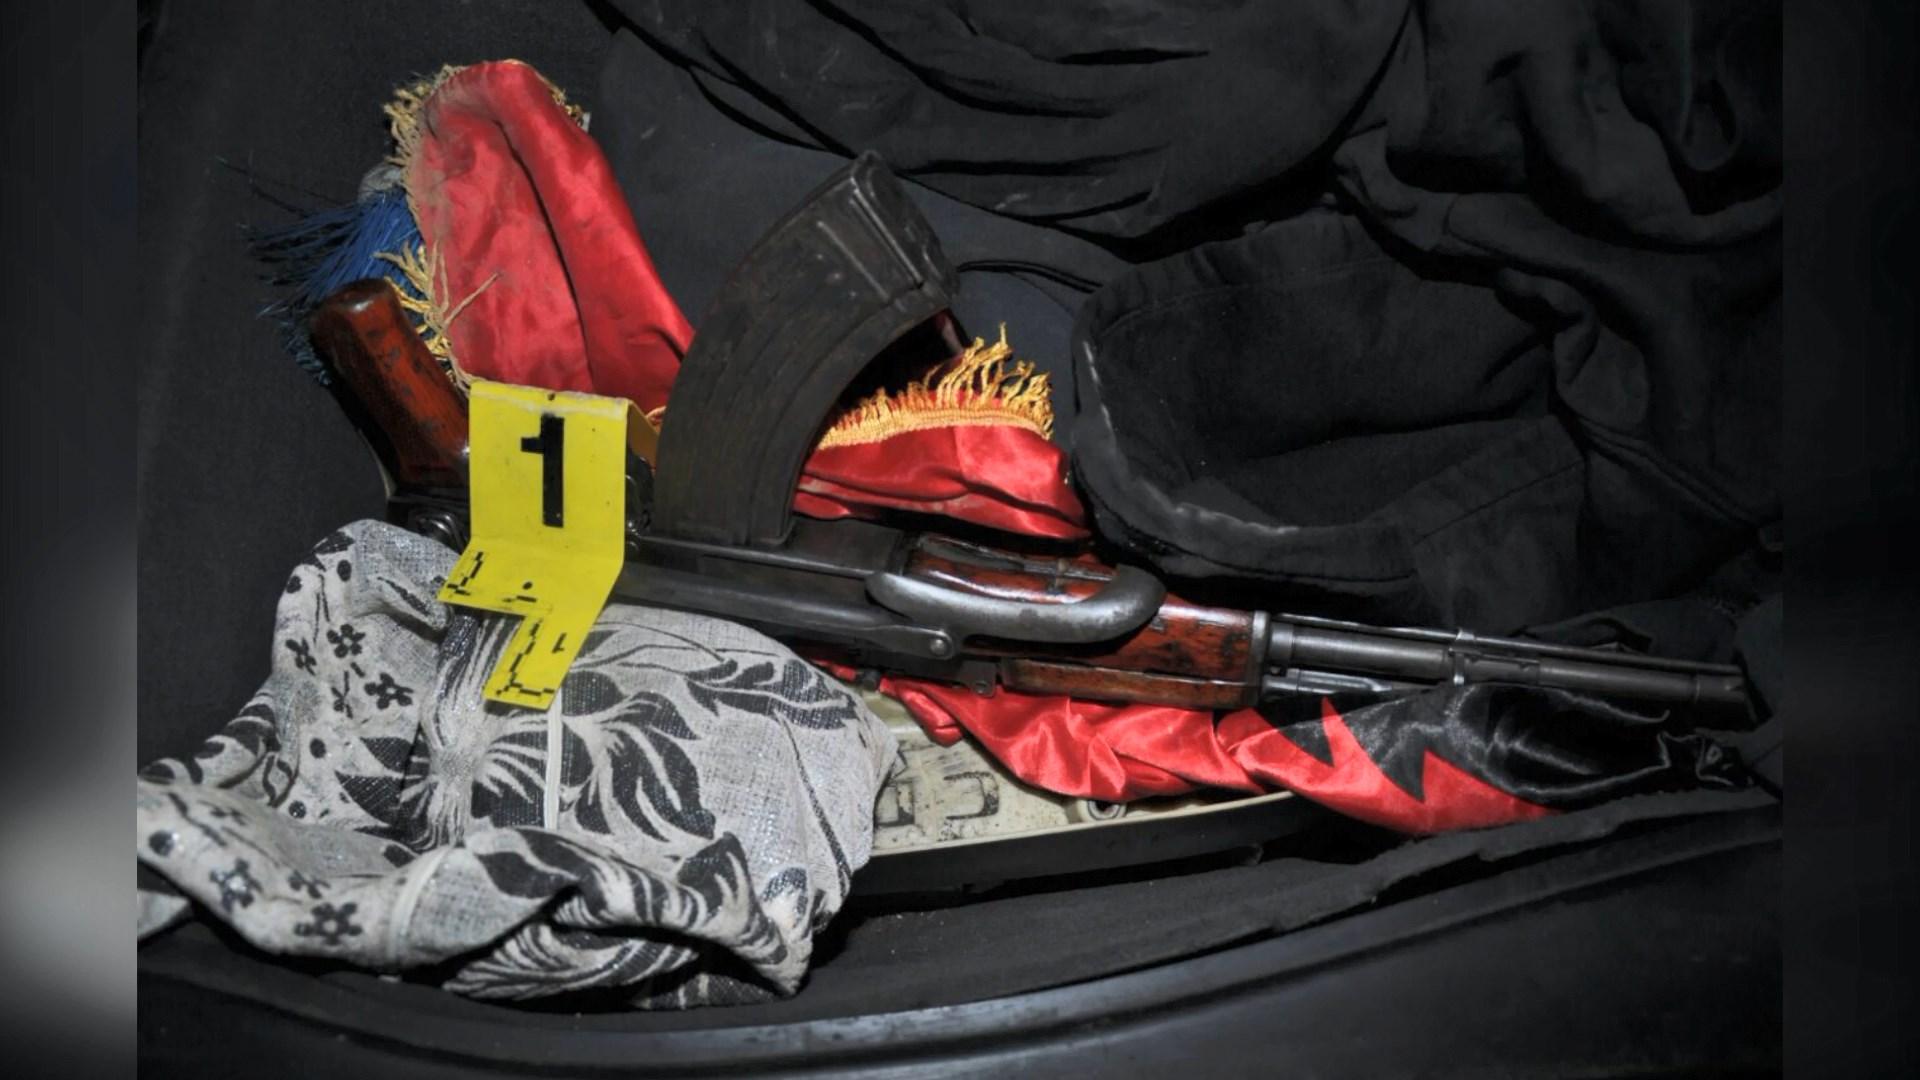 Qarkullonte me armë në makinë, arrestohet 18 vjeçari